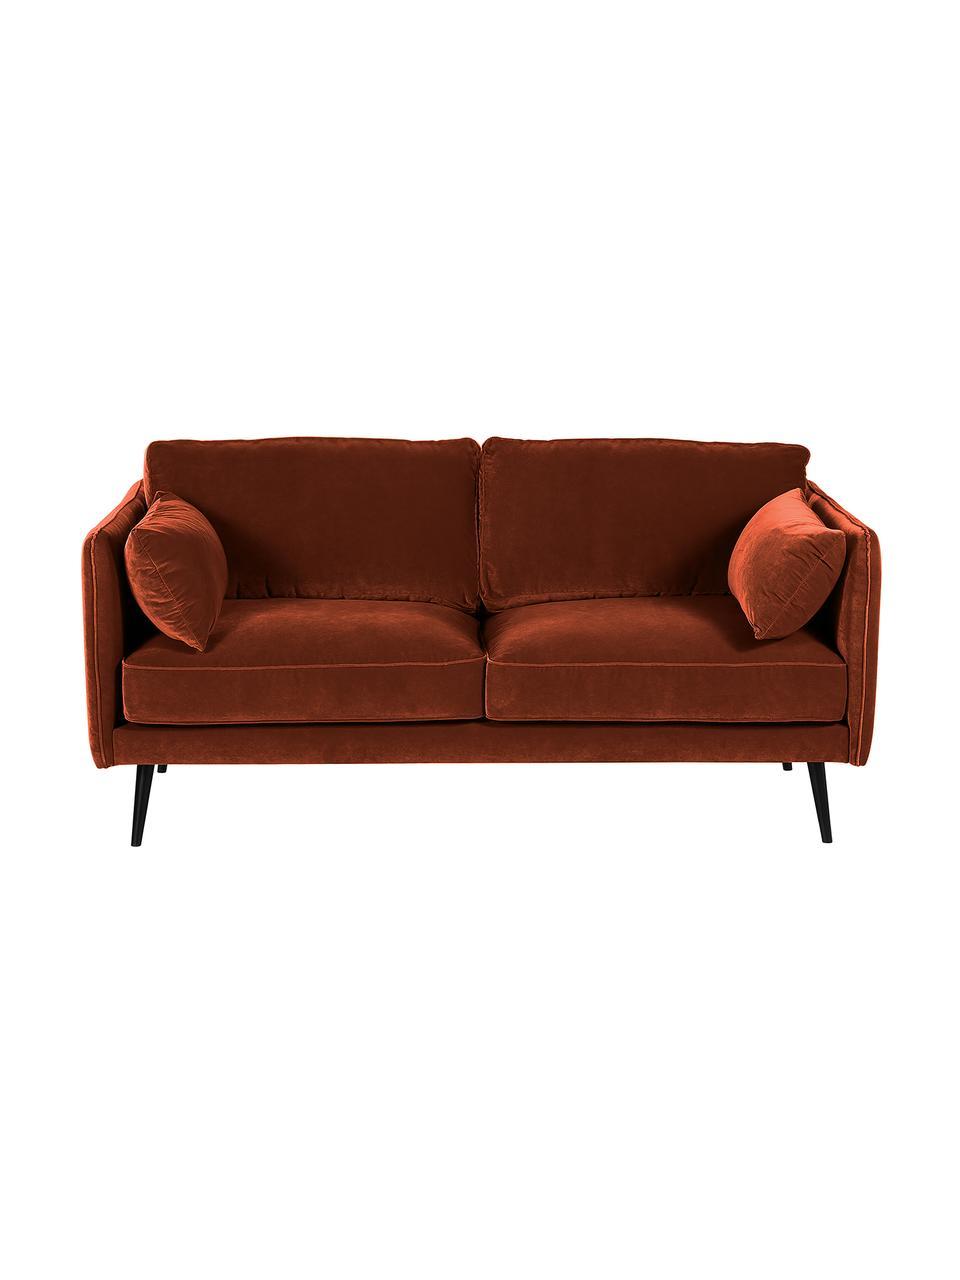 Fluwelen bank Paola (2-zits) met roodbruin met houten poten, Bekleding: fluweel (polyester), Frame: massief vurenhout, spaanp, Poten: gelakt vurenhout, Fluweel roodbruin, B 179 x D 95 cm